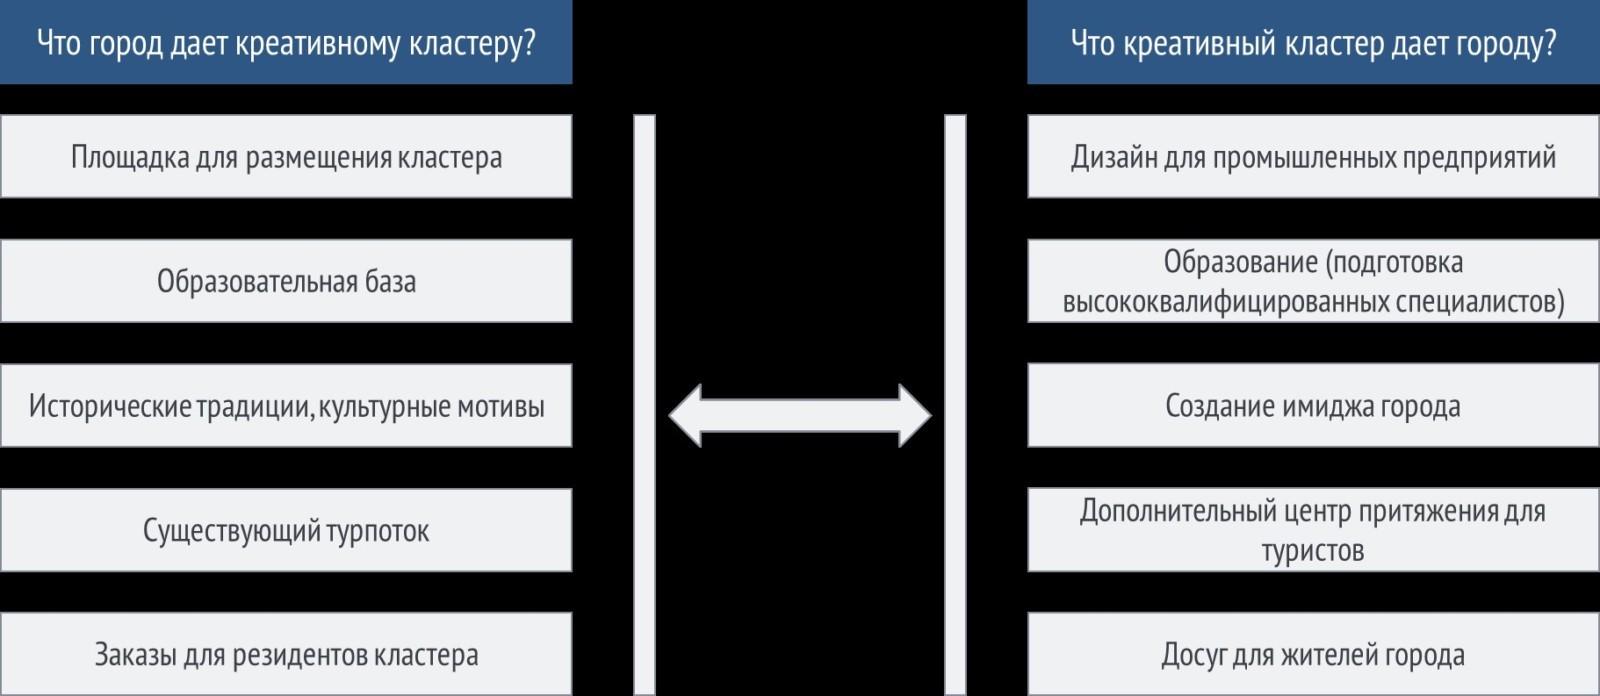 «исторический проект»: татарстан первым создаст площадку для общения кластеров